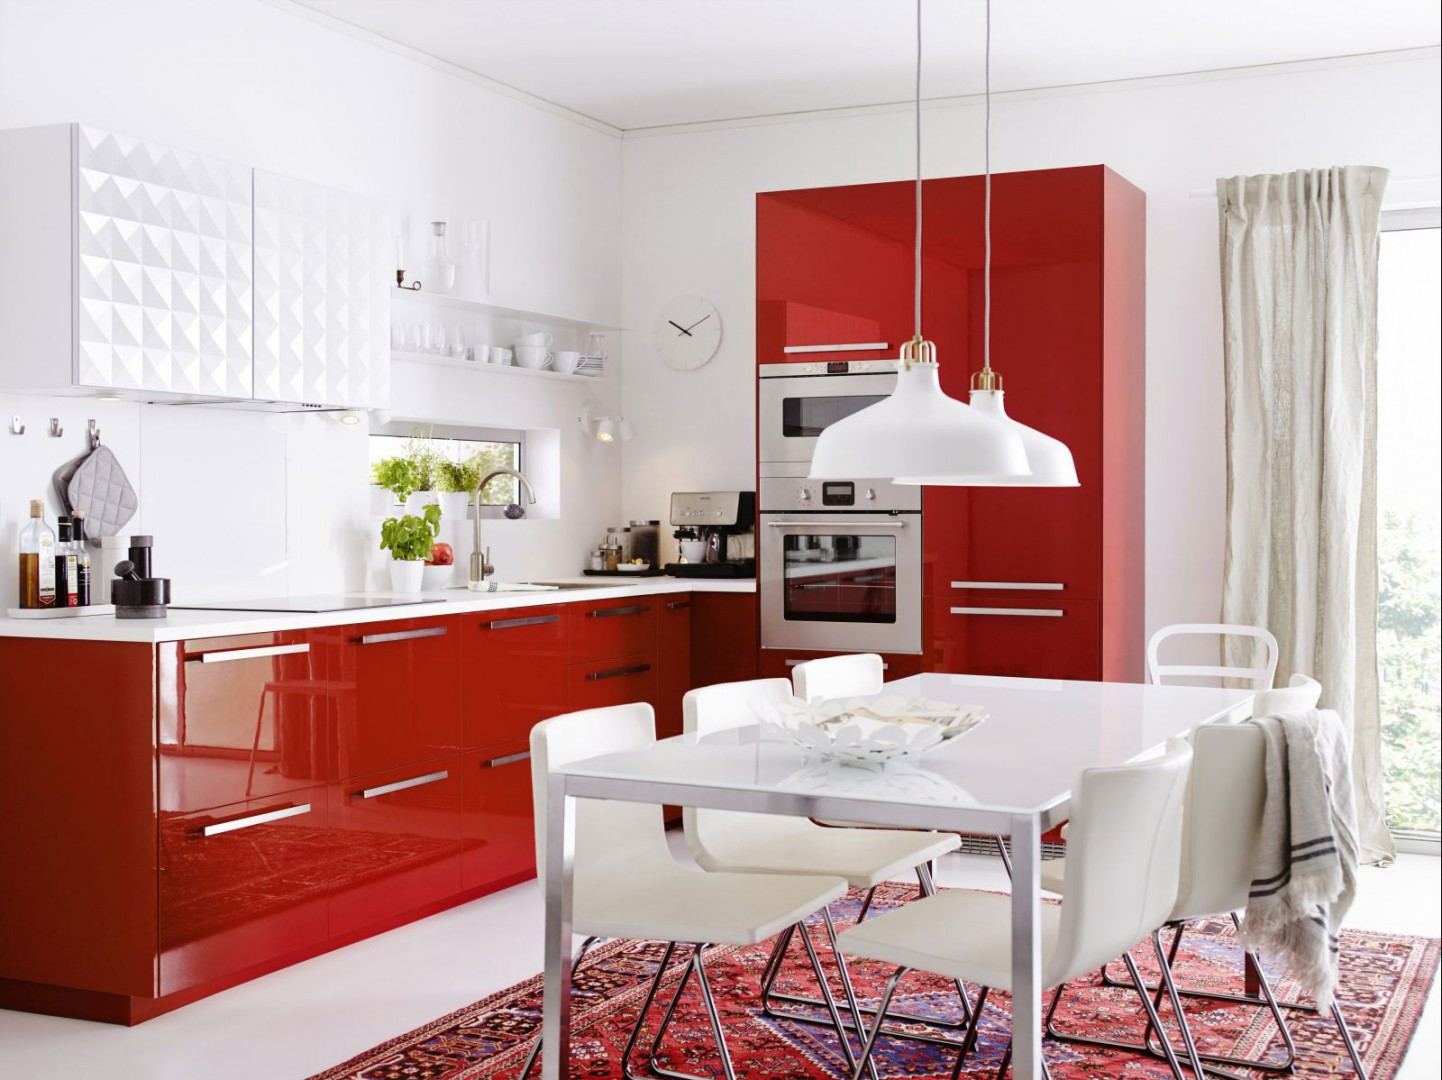 Urządzamy Nowe Kuchnie Ikea Wszystko Co Chcesz Wiedzieć